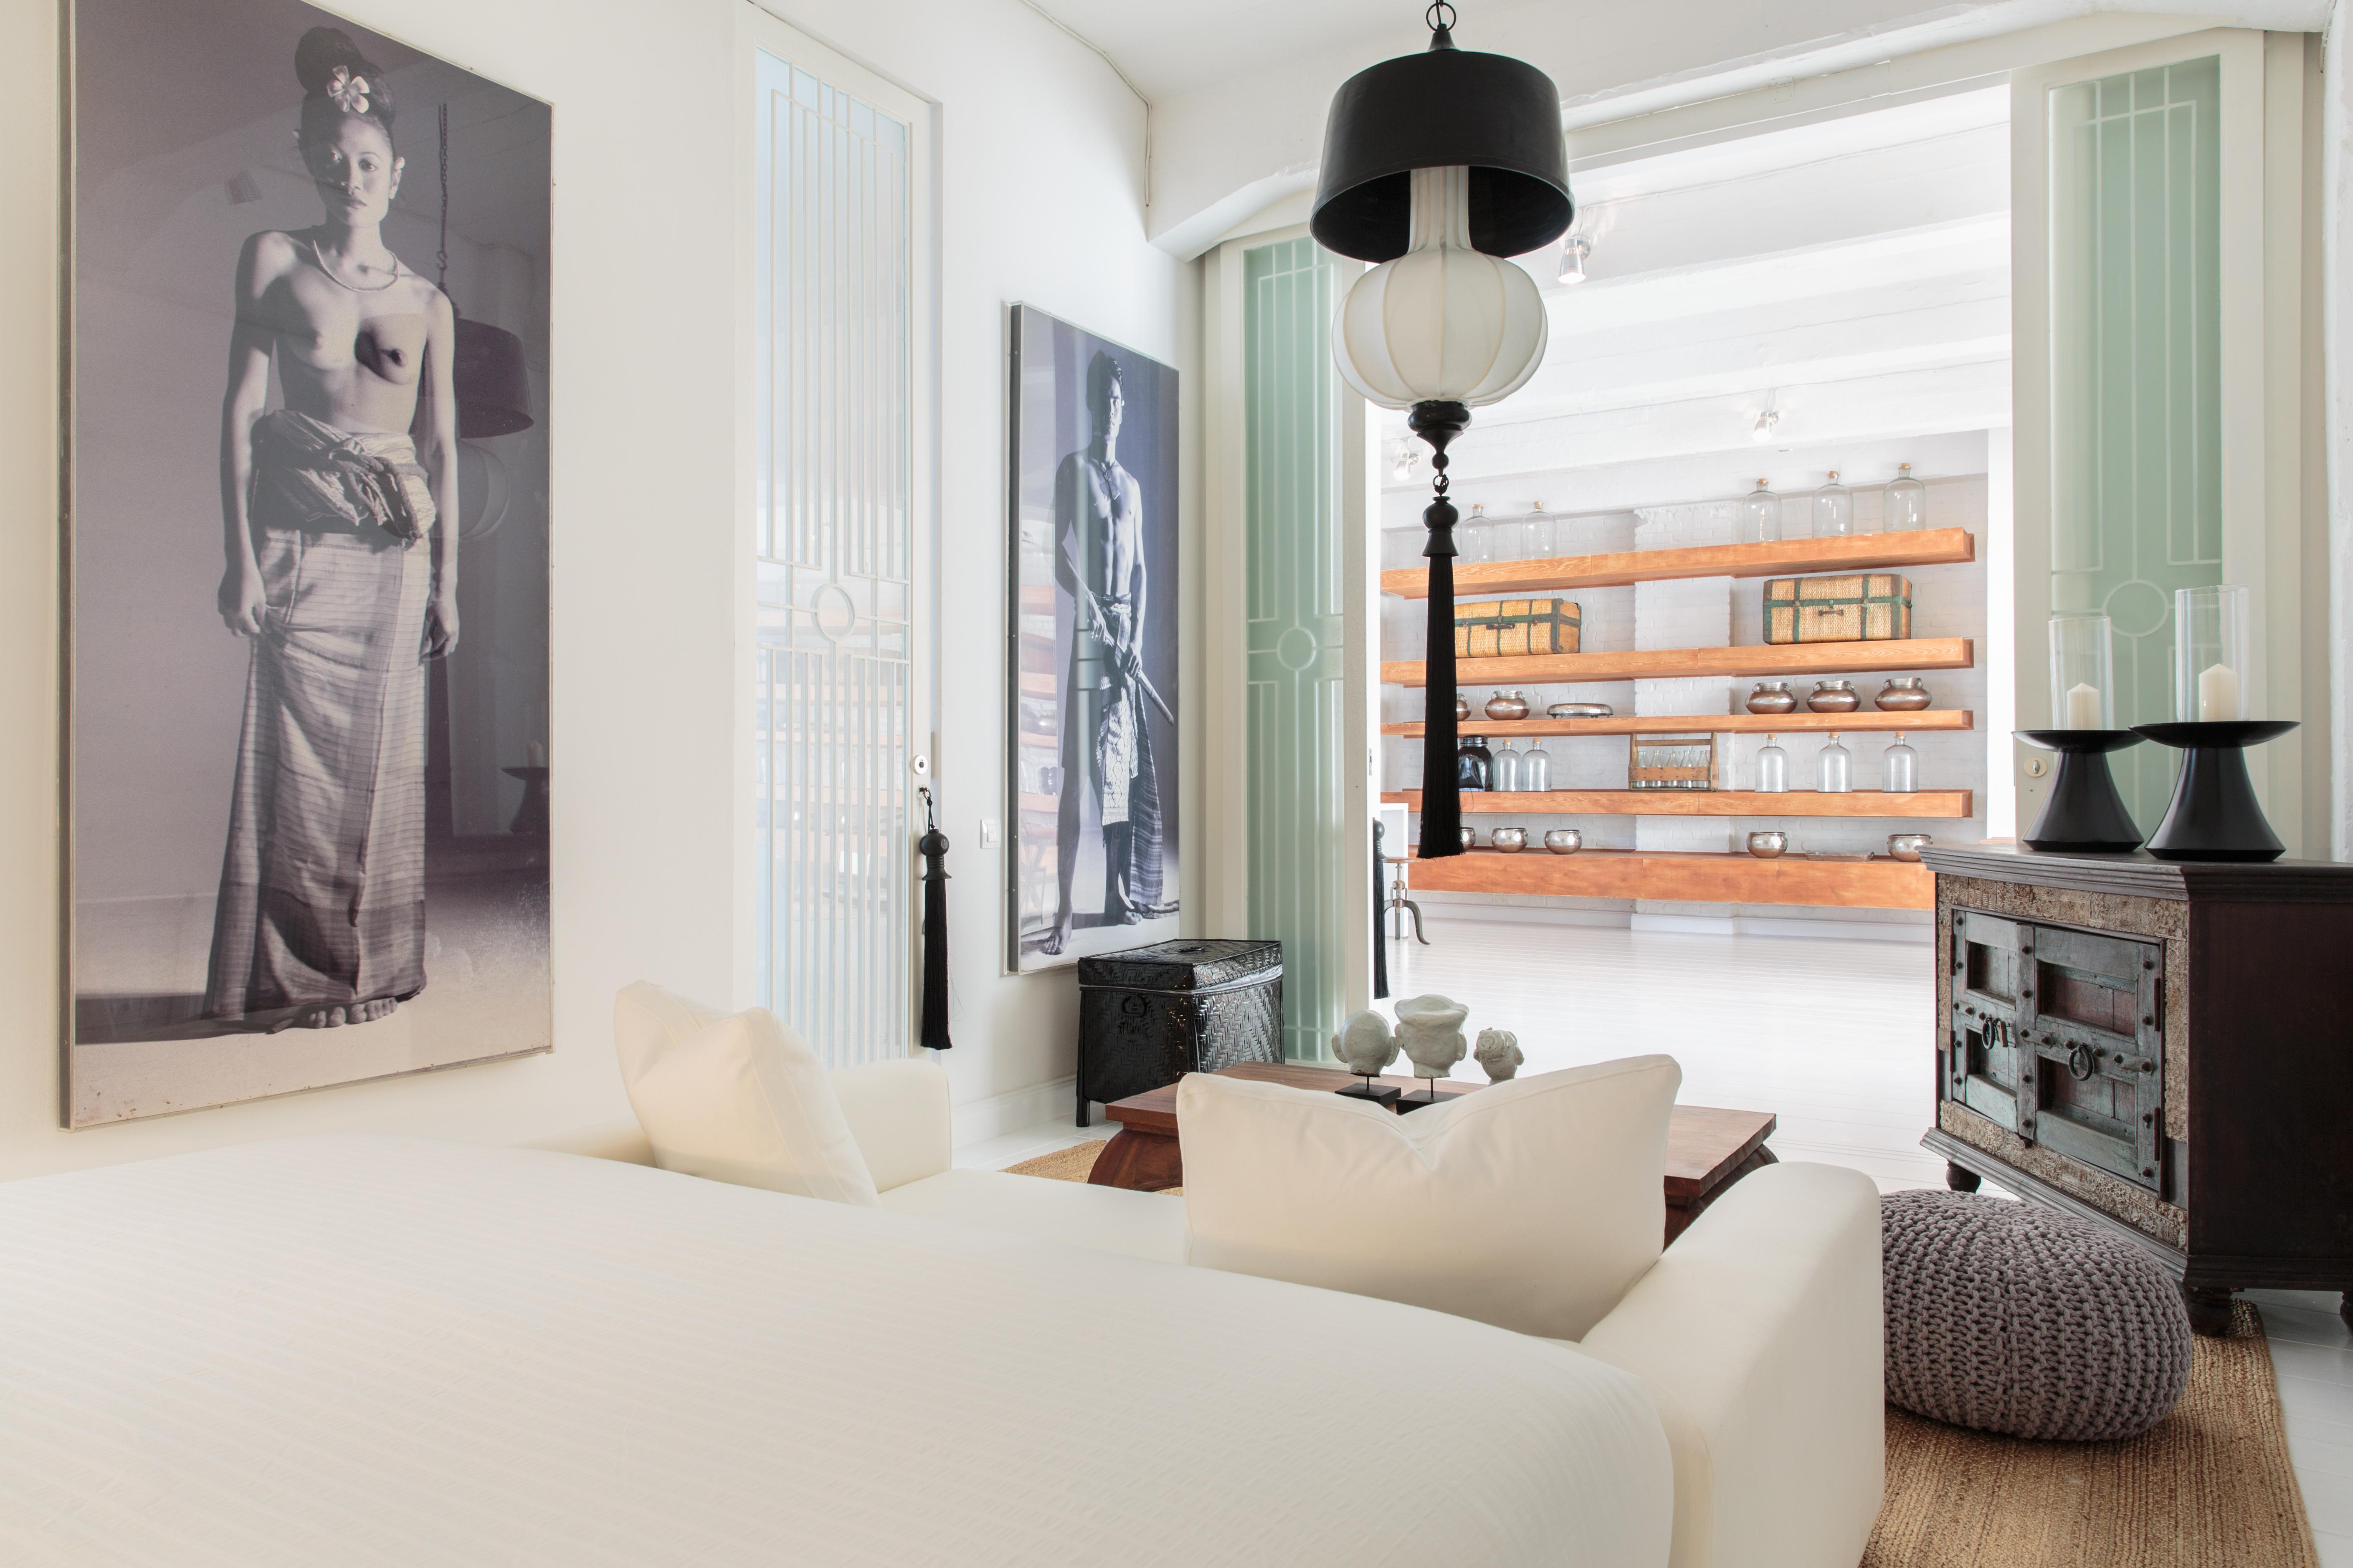 Guest_bedroom-9.jpg